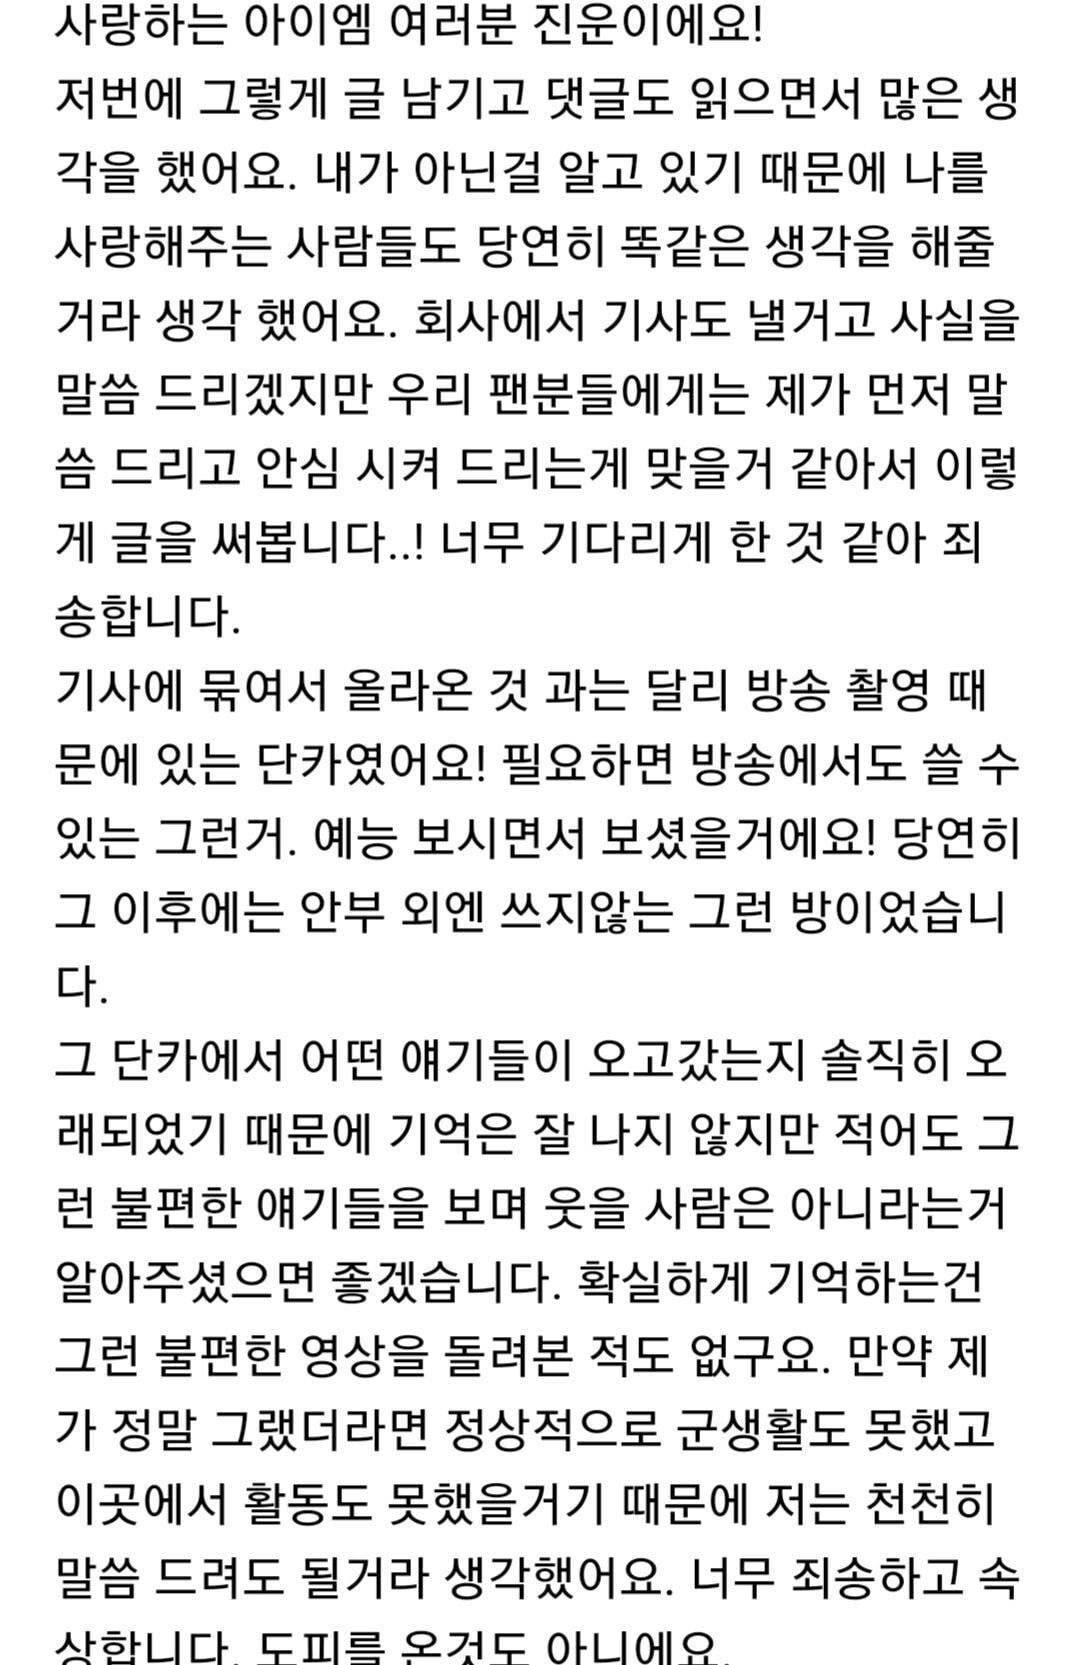 경리남친 정진운의 정준영 단톡방 해명.....jpg   인스티즈